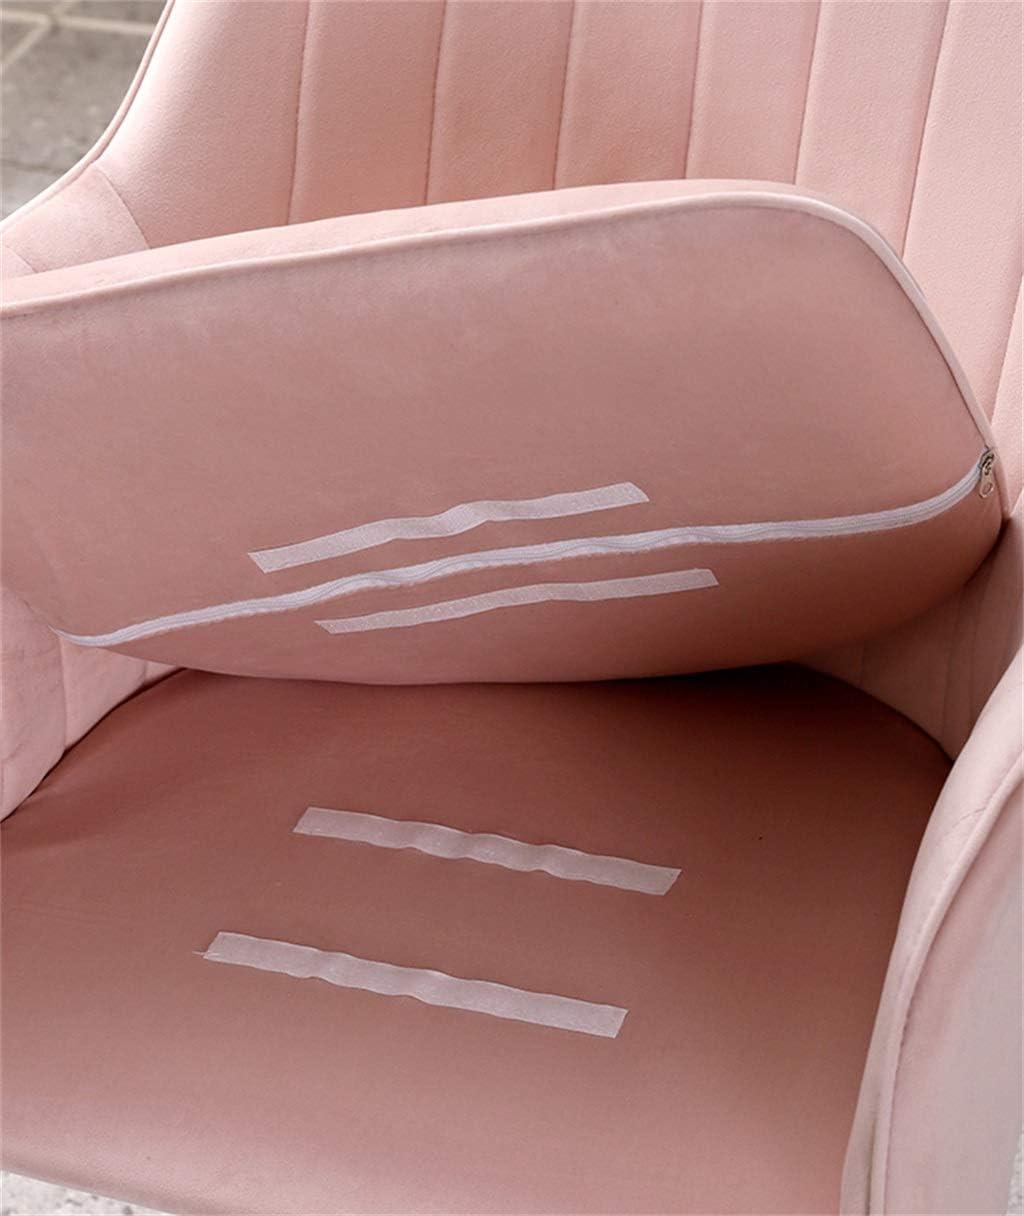 Chaises de Salle à Manger en Velours avec Pieds en métal au Fini doré pour Le Salon/la Cuisine [7 Couleurs Disponibles] Dark Green